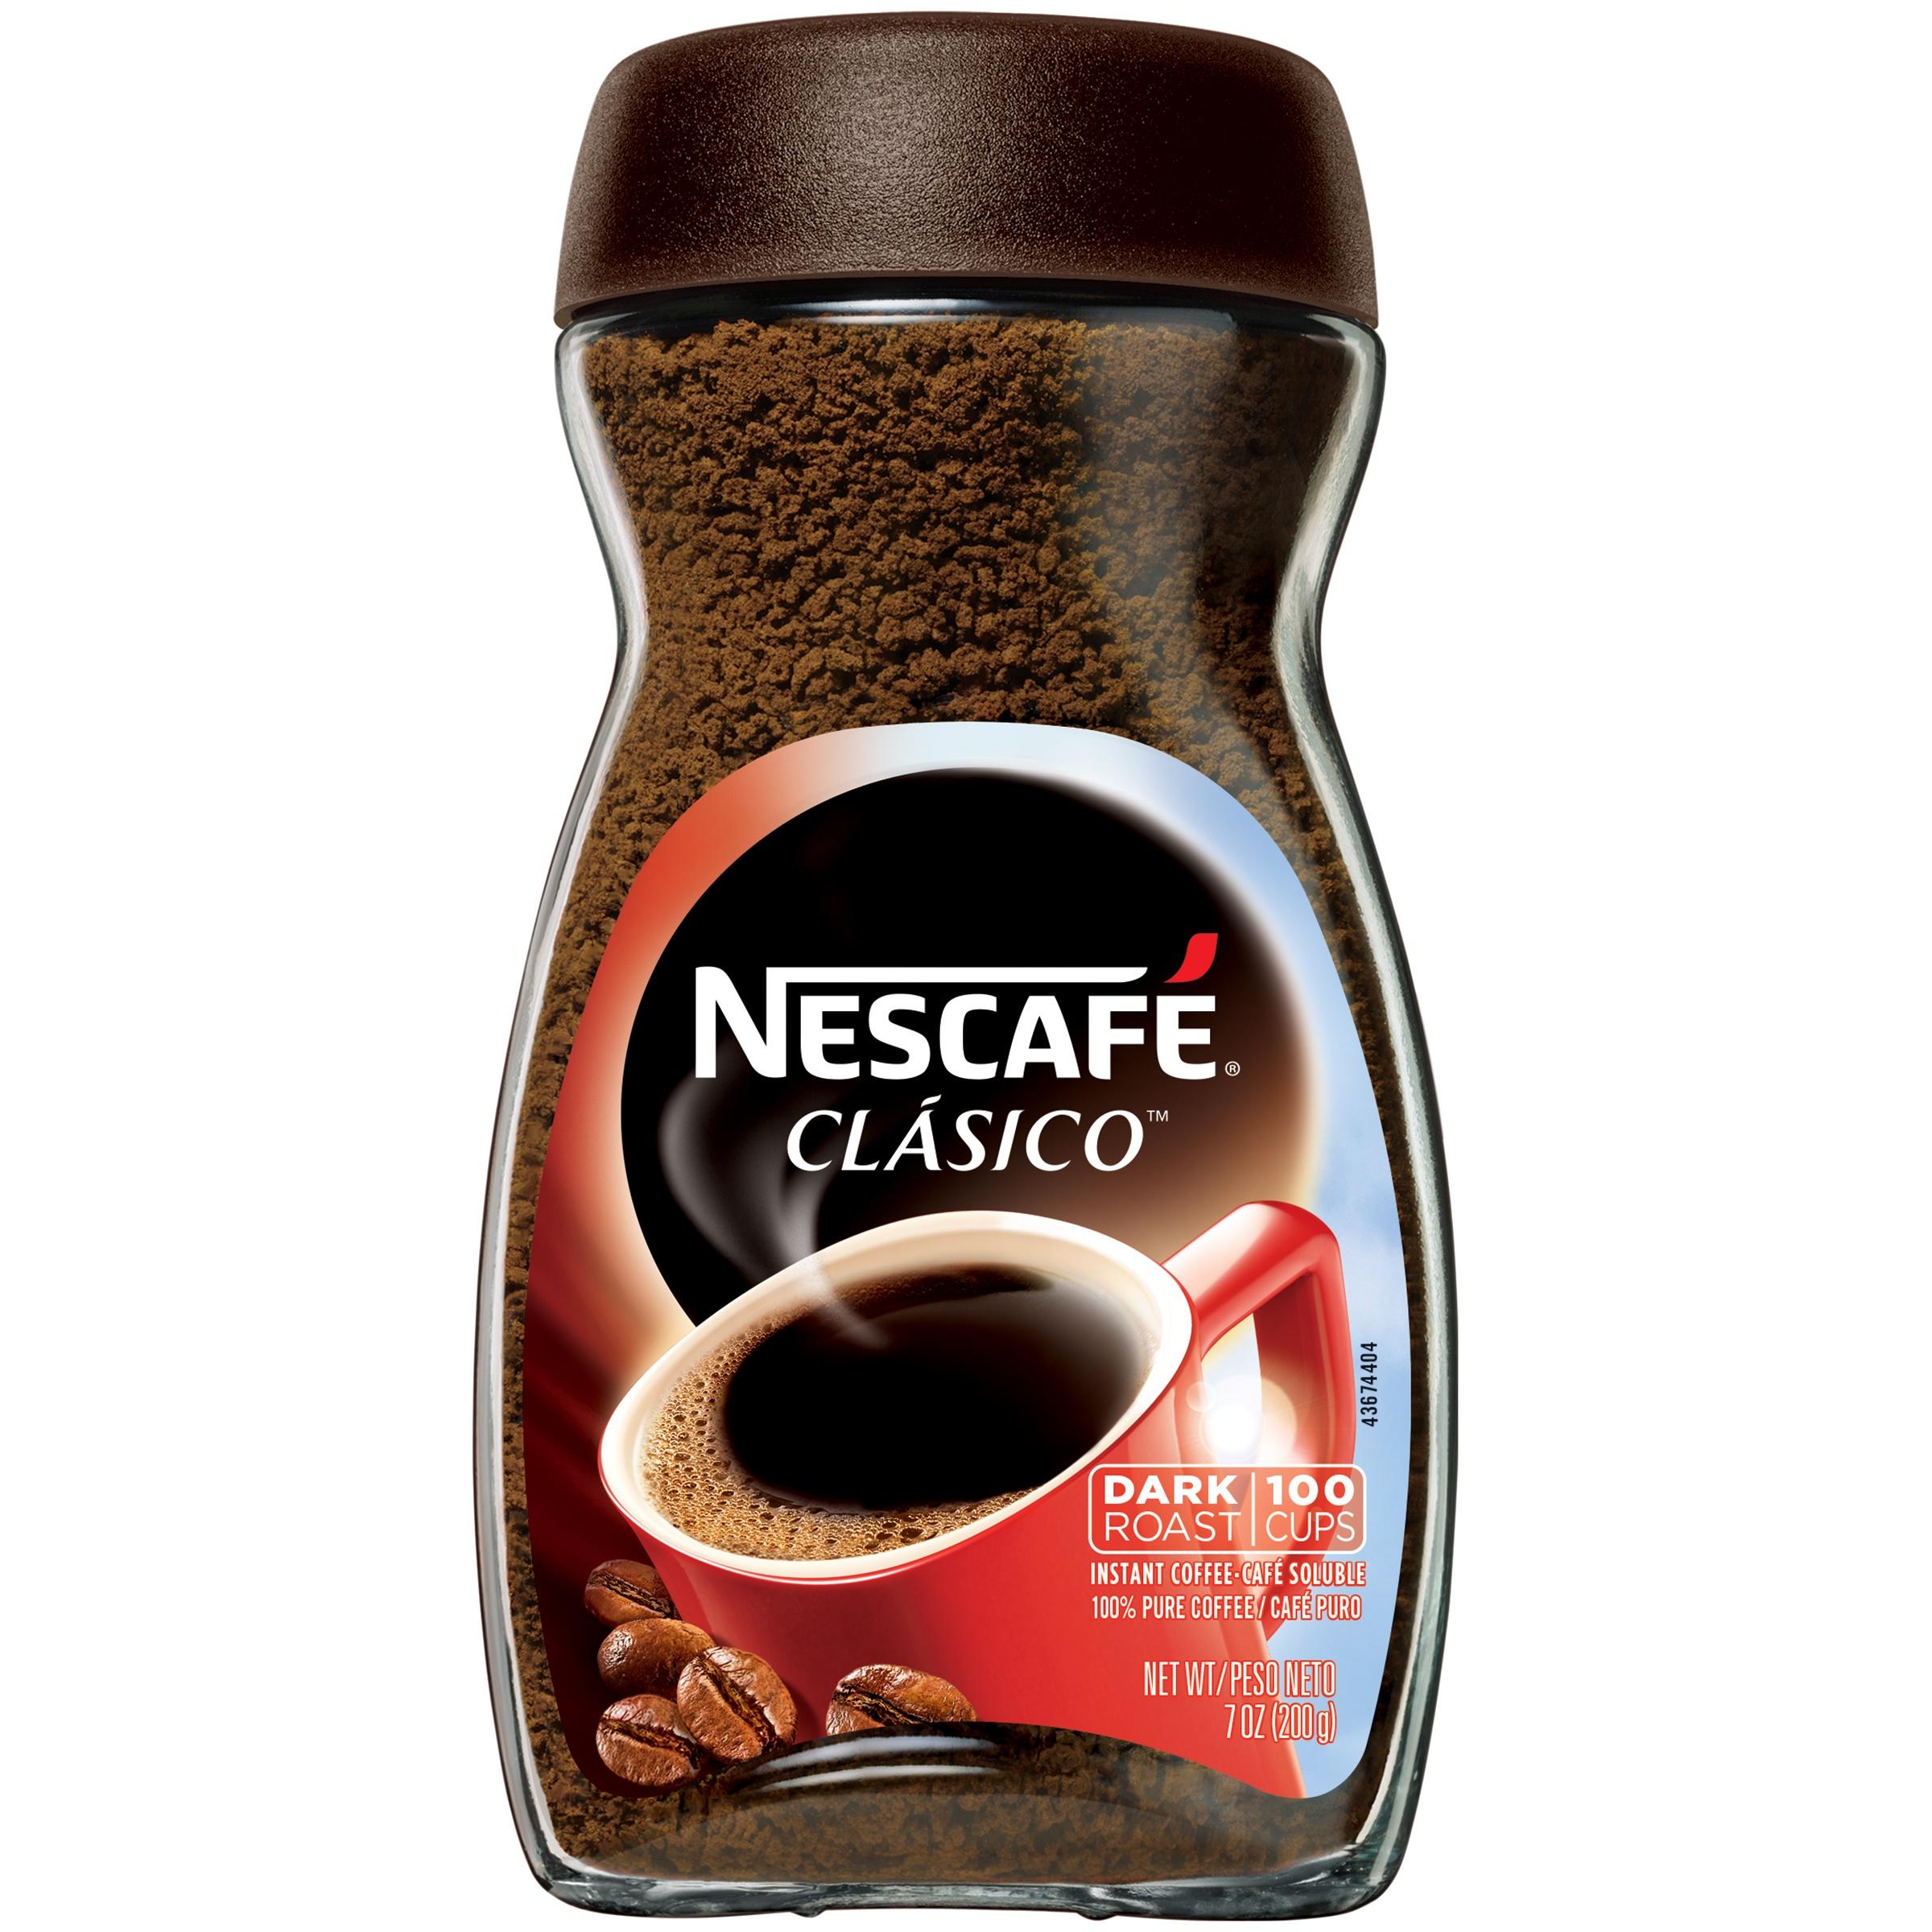 NESCAFE CLASICO Dark Roast Instant Coffee 7 oz. Jar $4.98